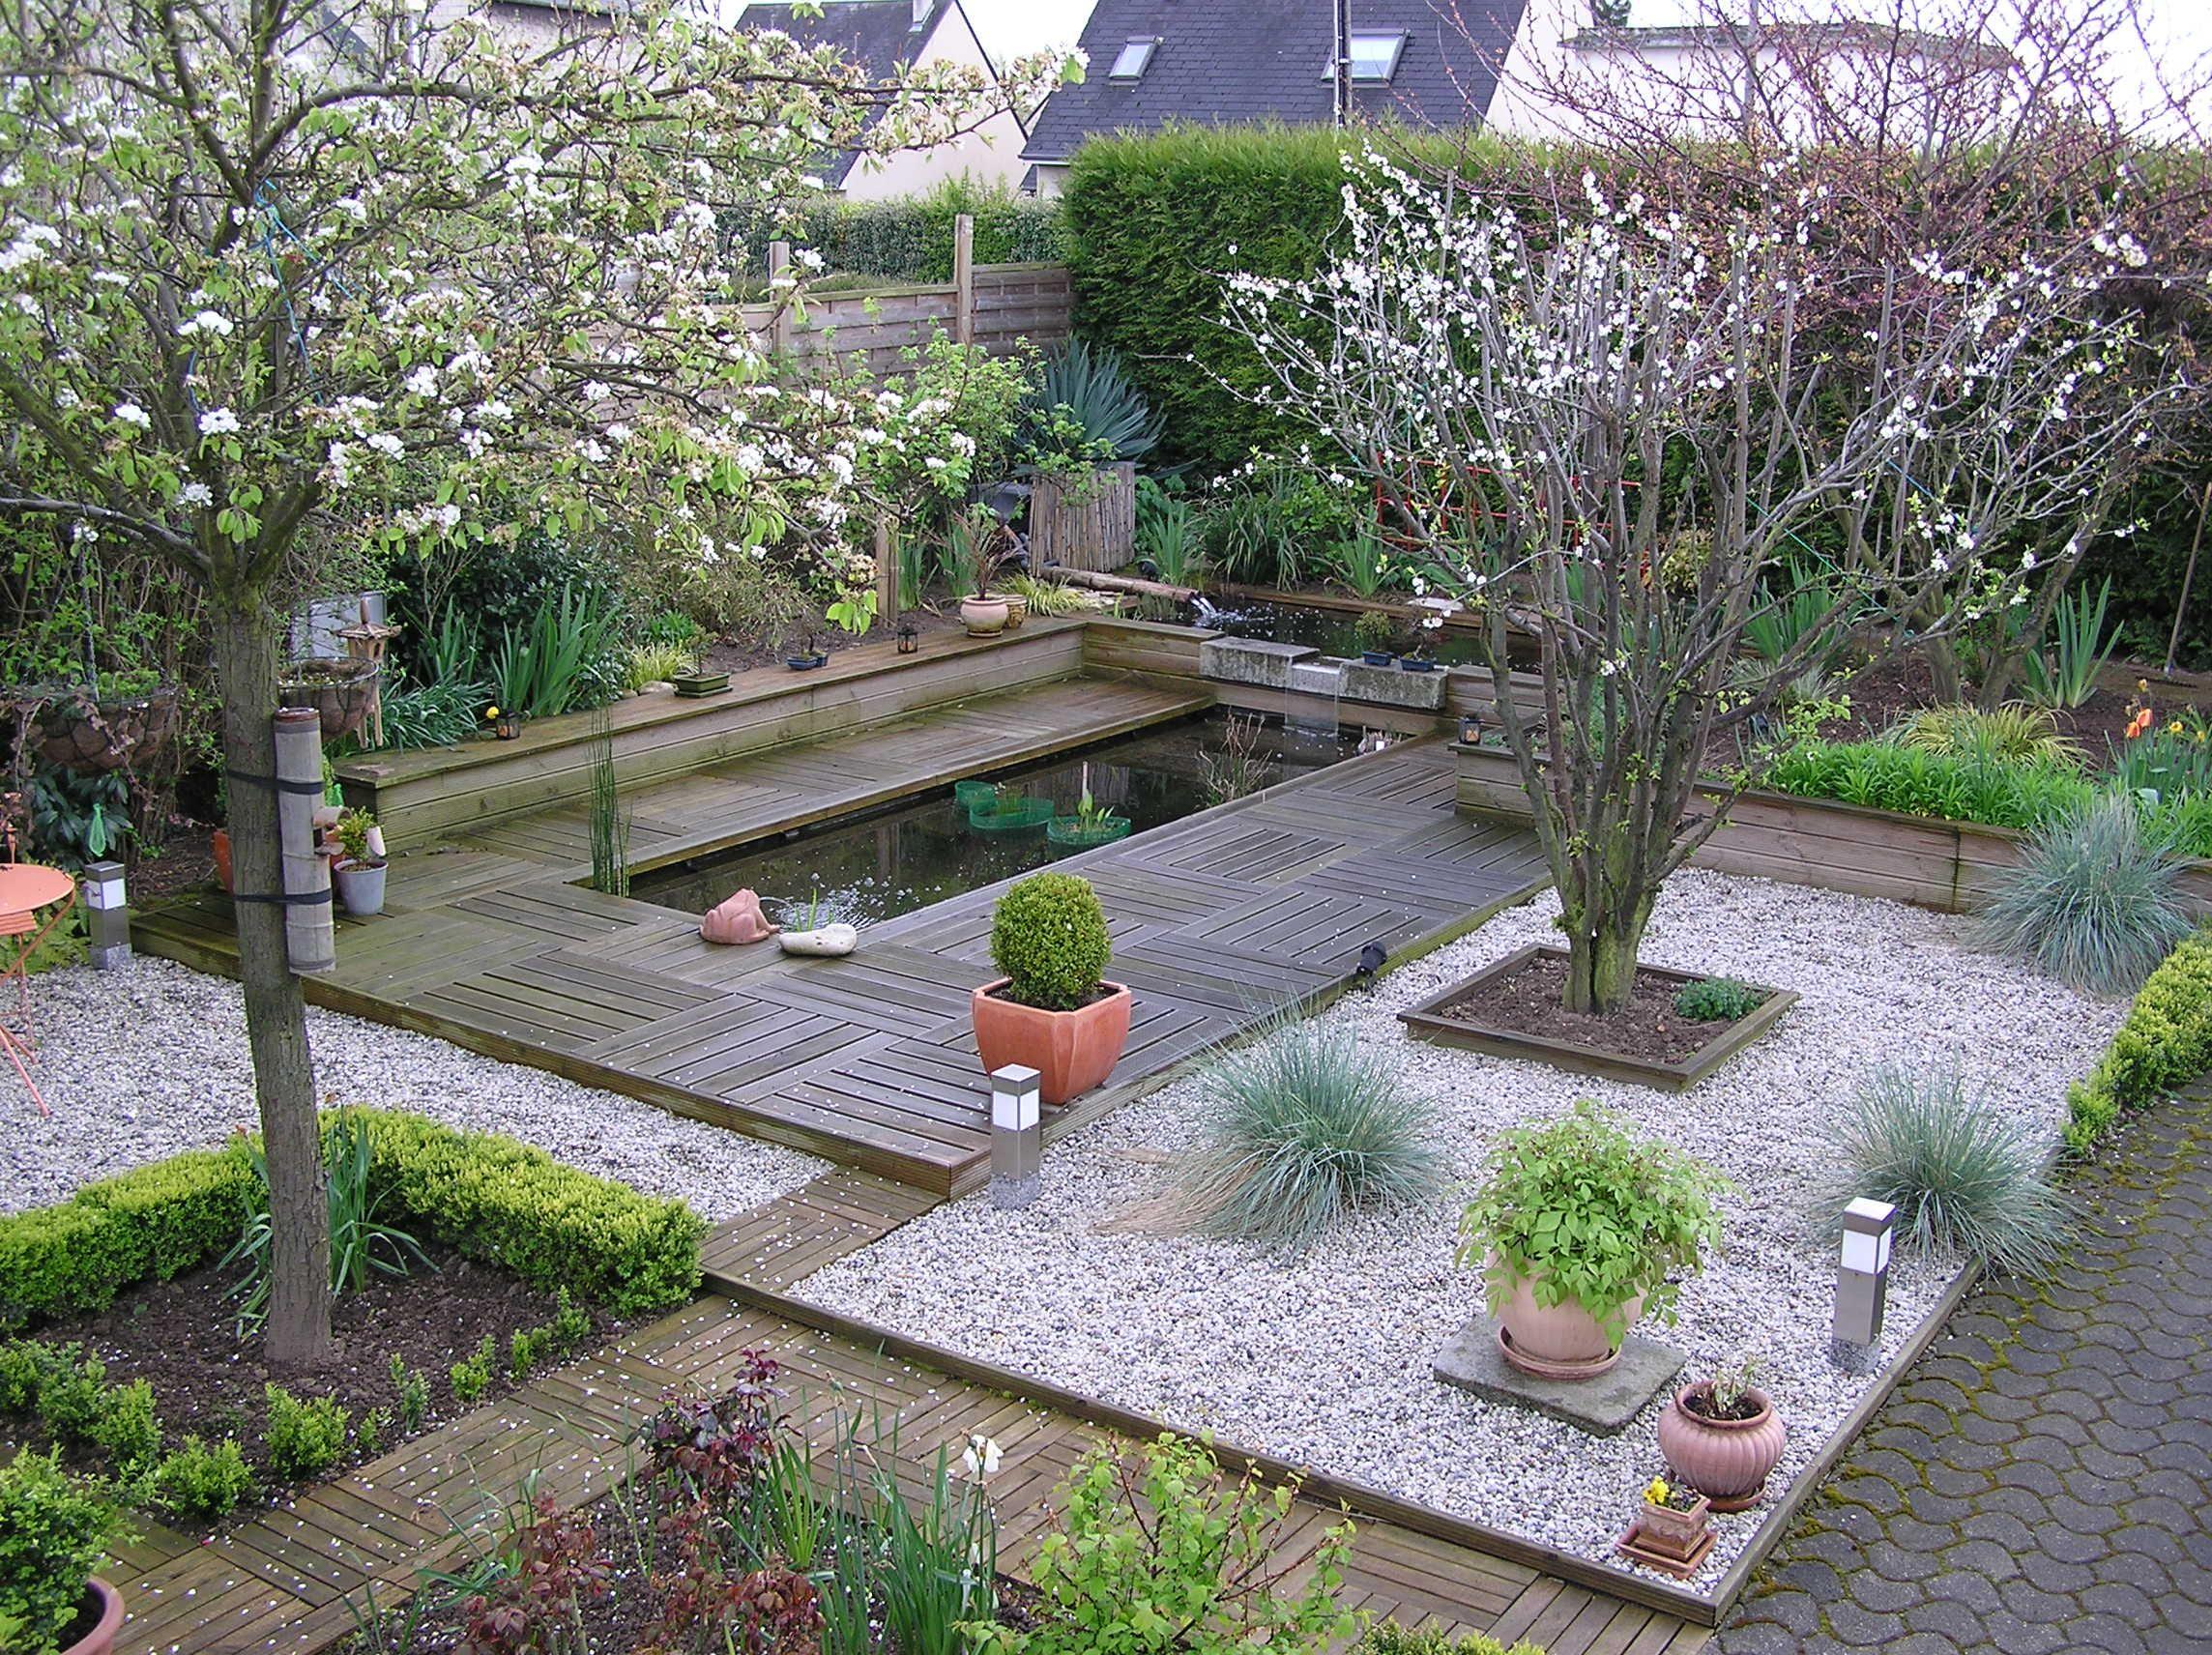 créer une pièce d'eau dans son jardin. | jardins, eaux et pièces de